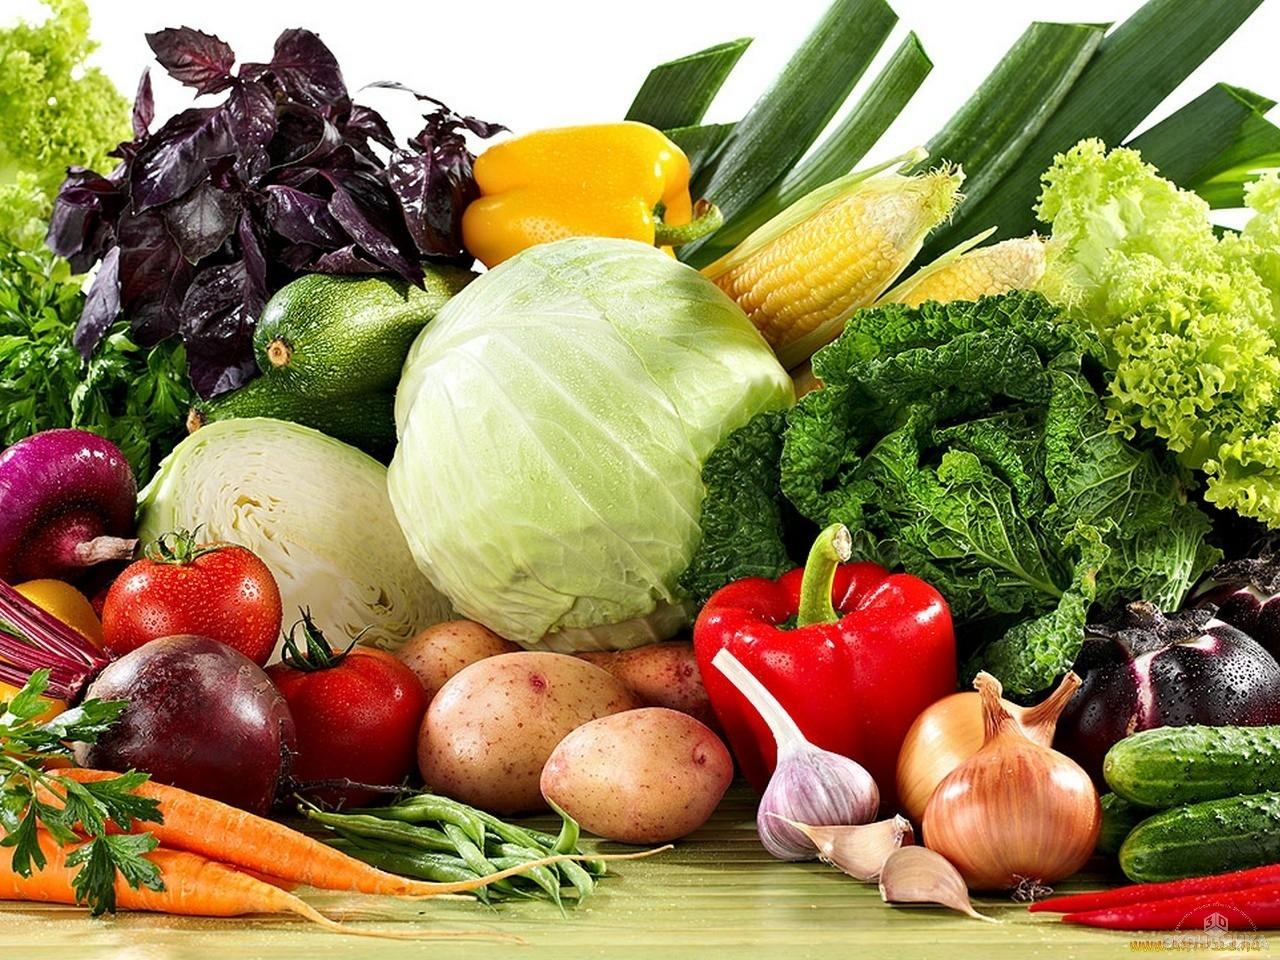 Волгоградские хозяйства собрали в2015 году большой урожай овощей